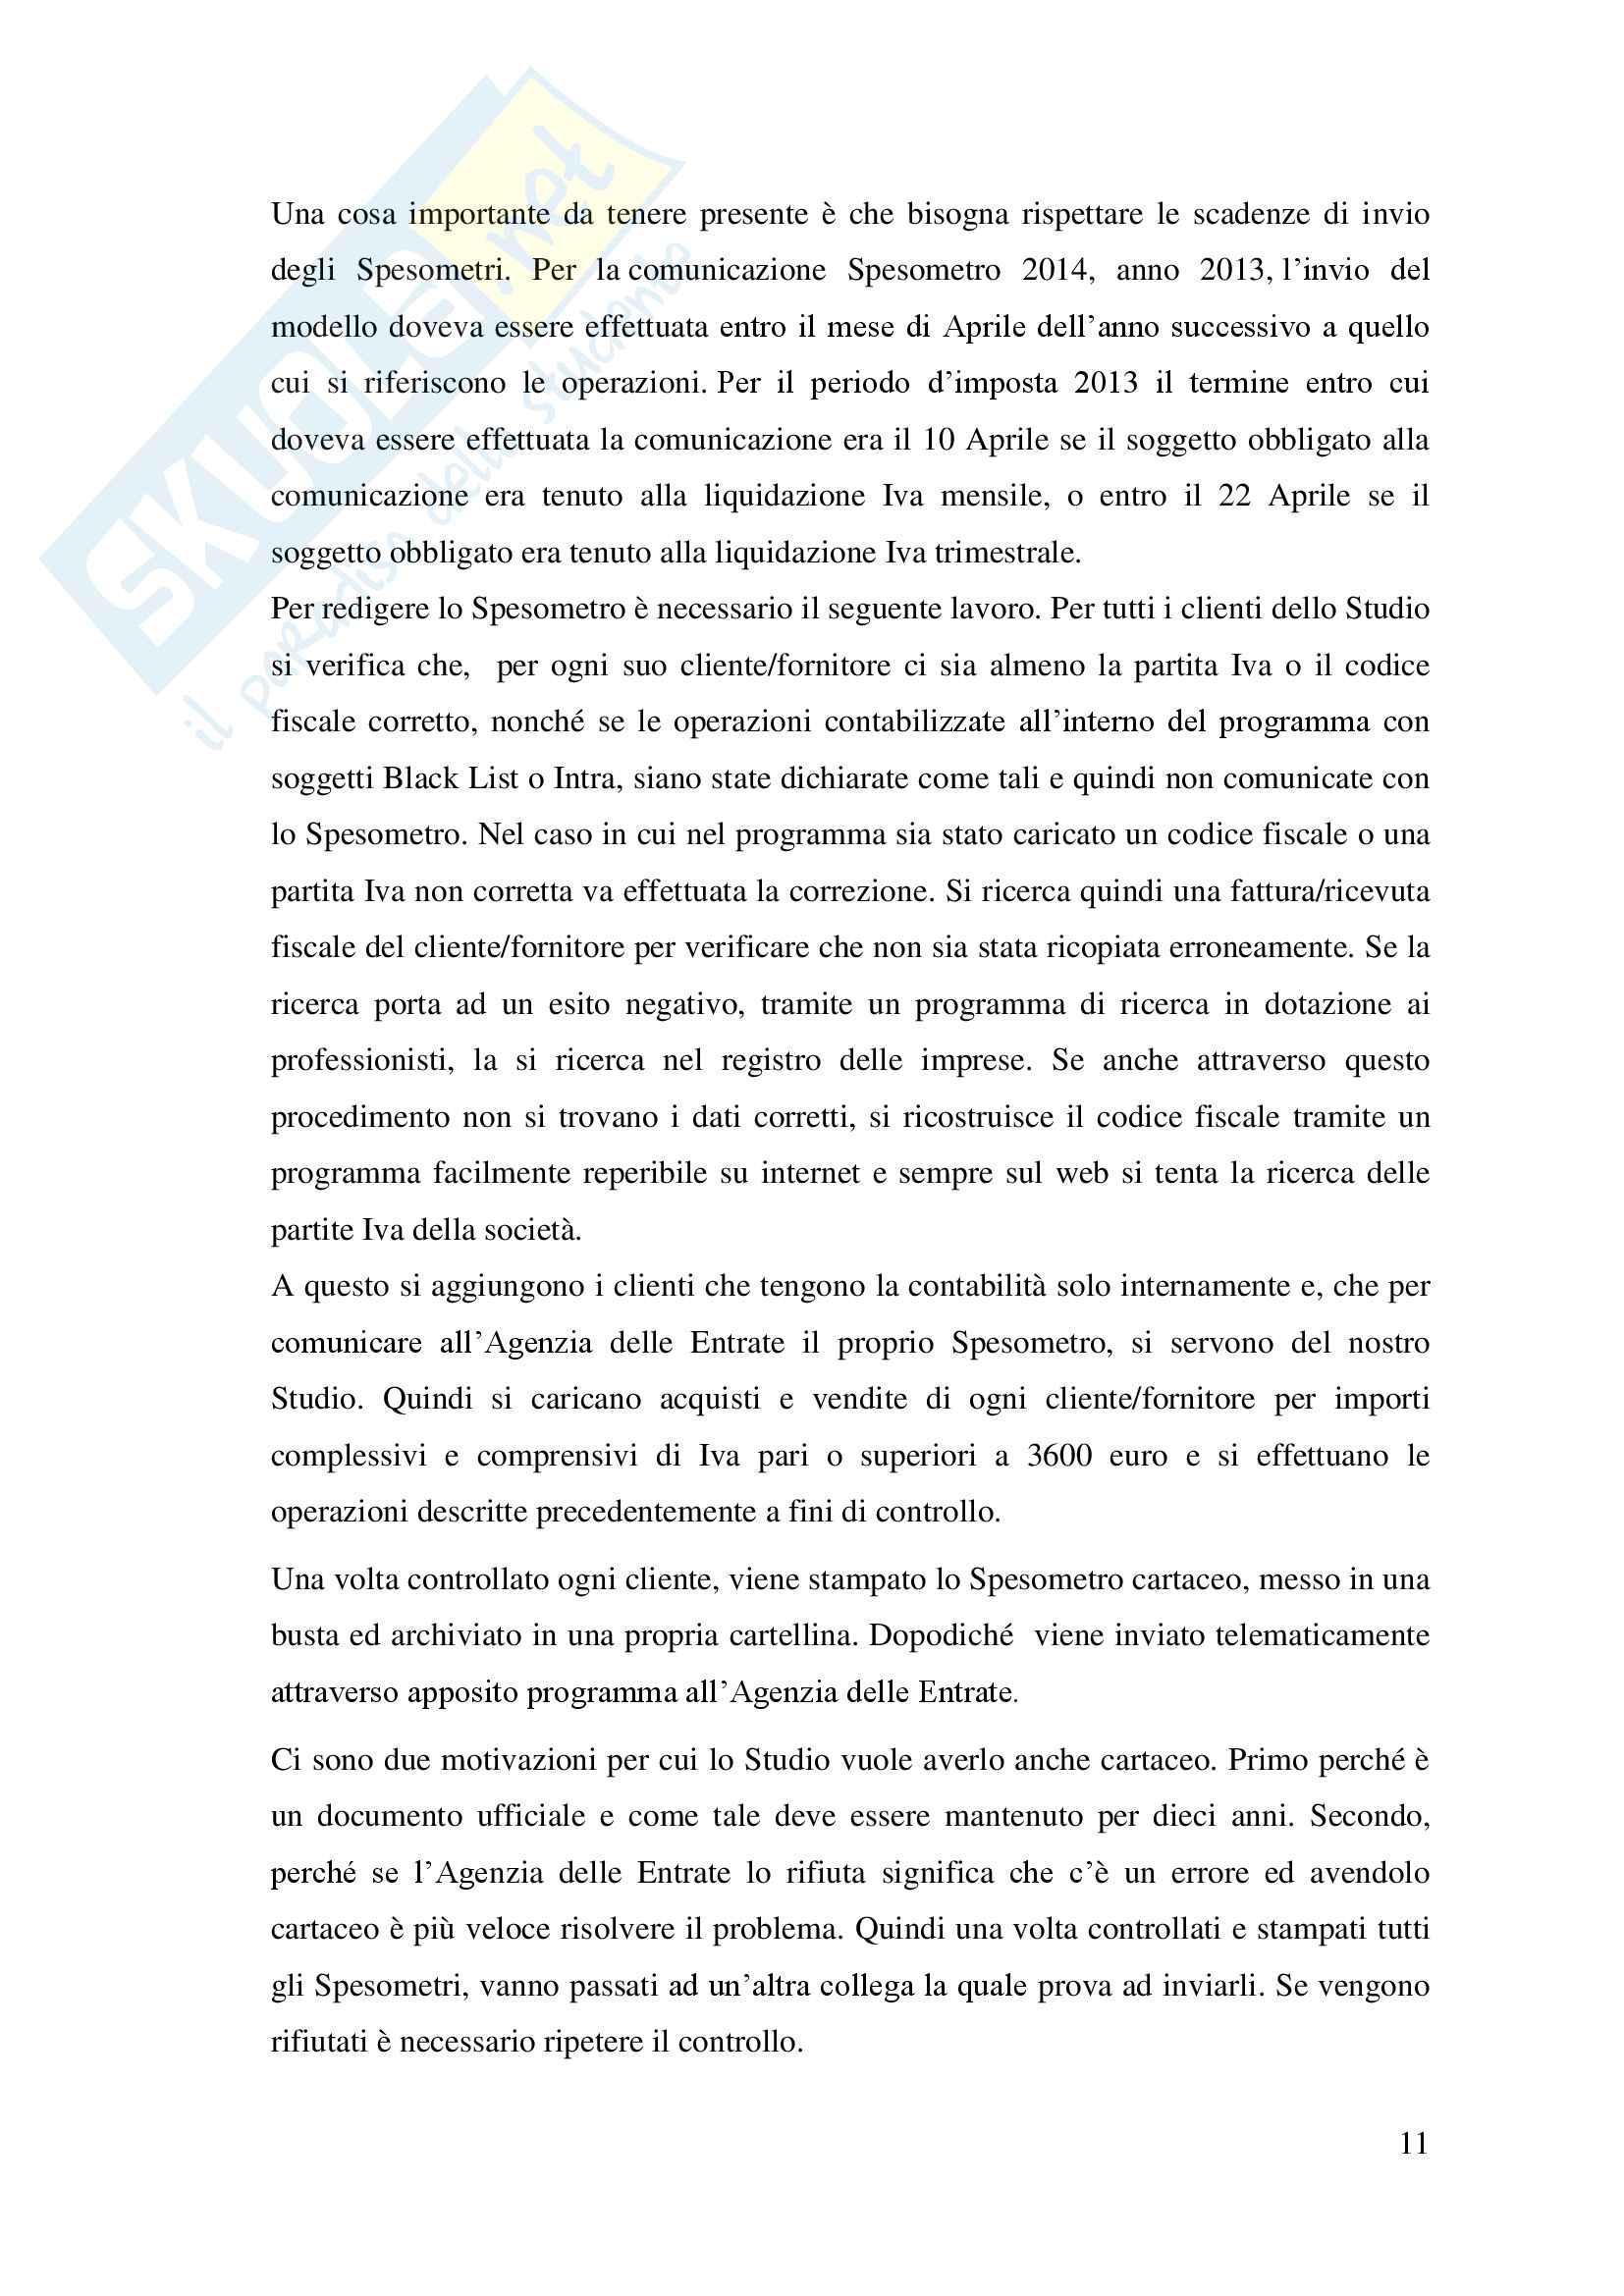 Tesi Economia in Studio di Commercialisti Pag. 11